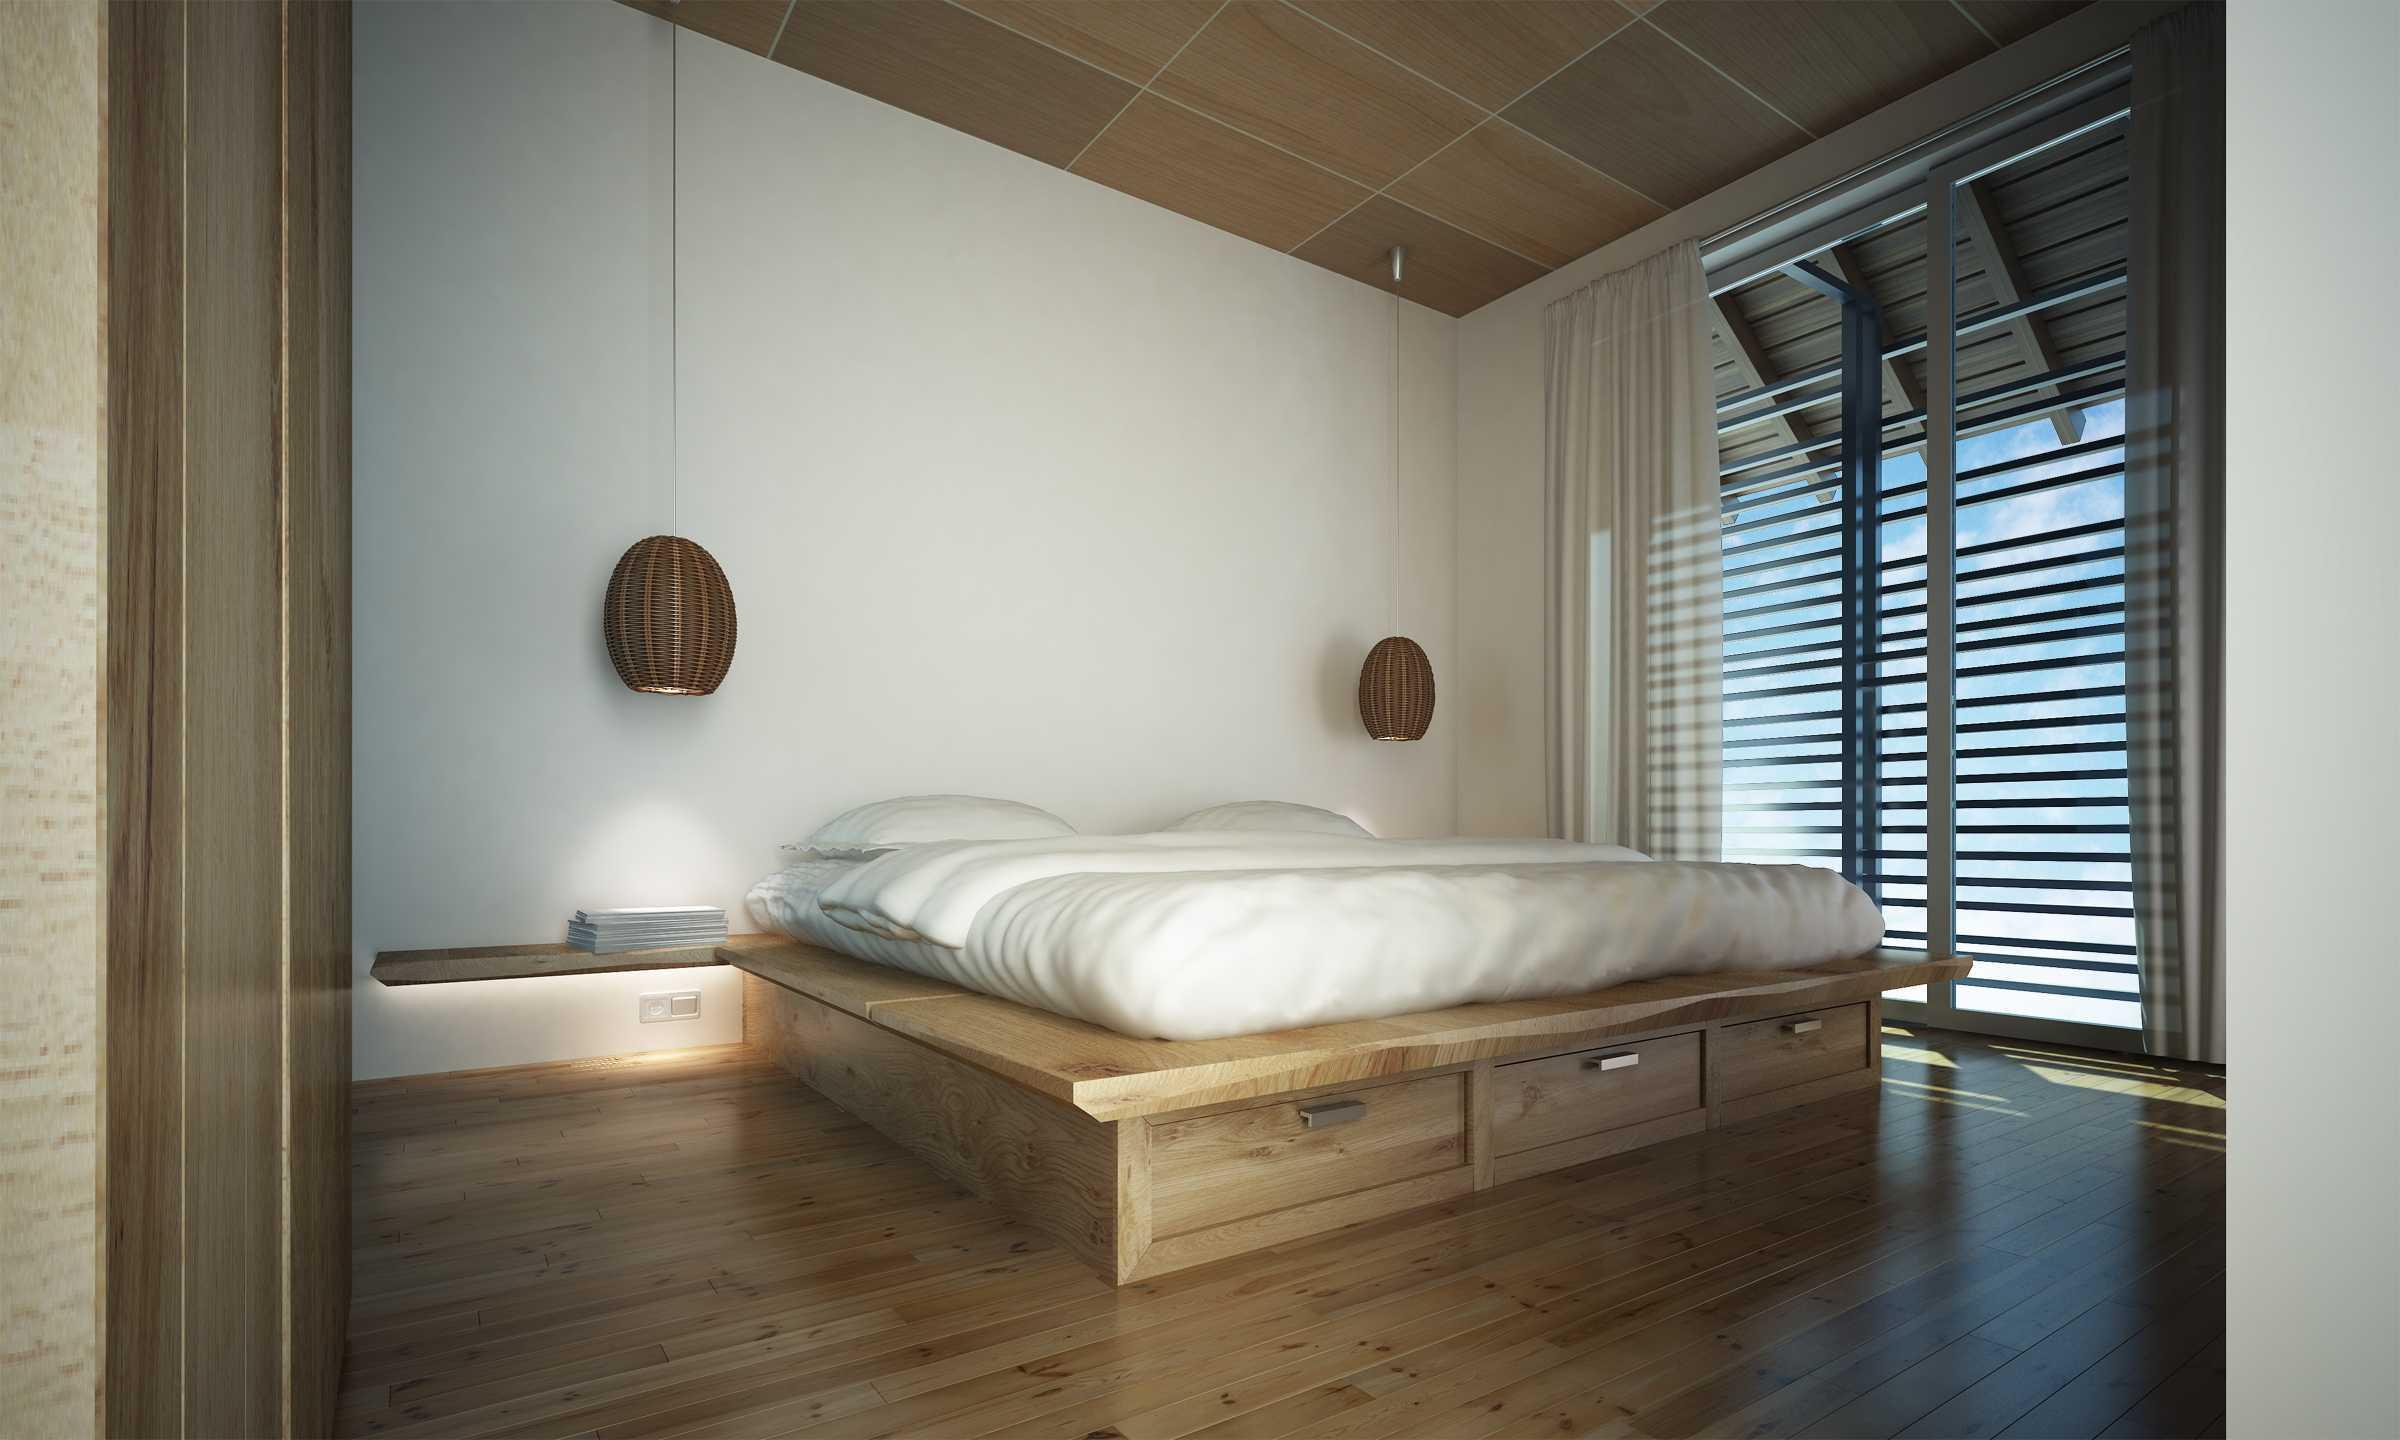 Alash.studiobali K-House Bali-Indonesia Bali-Indonesia Bedroom   17956